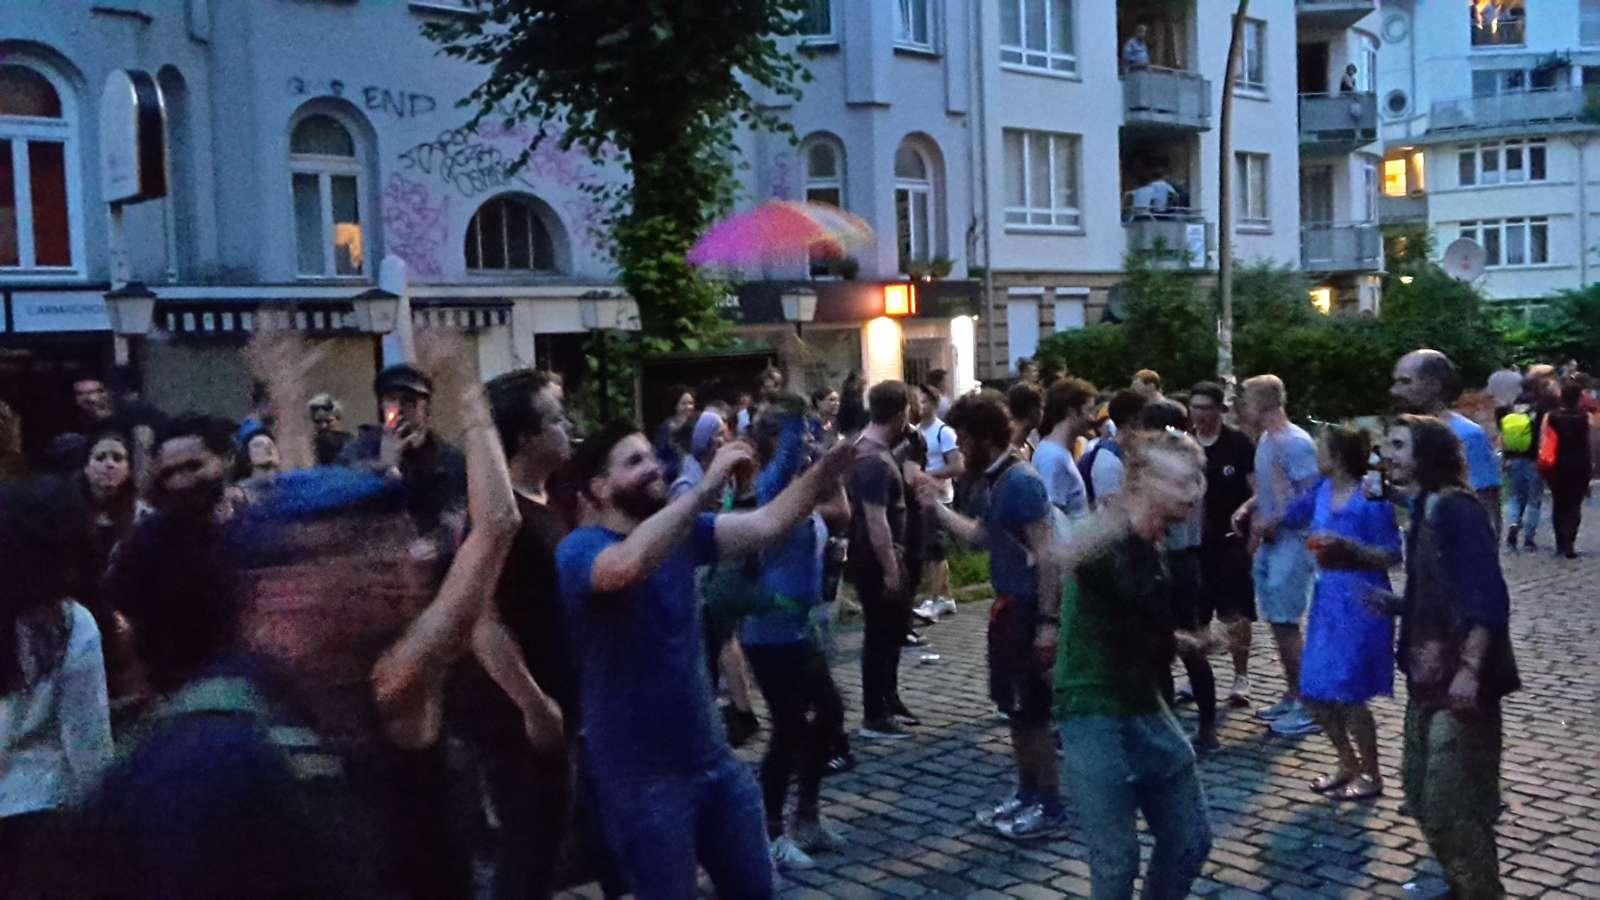 Straßenfeststimmung in Hamburg